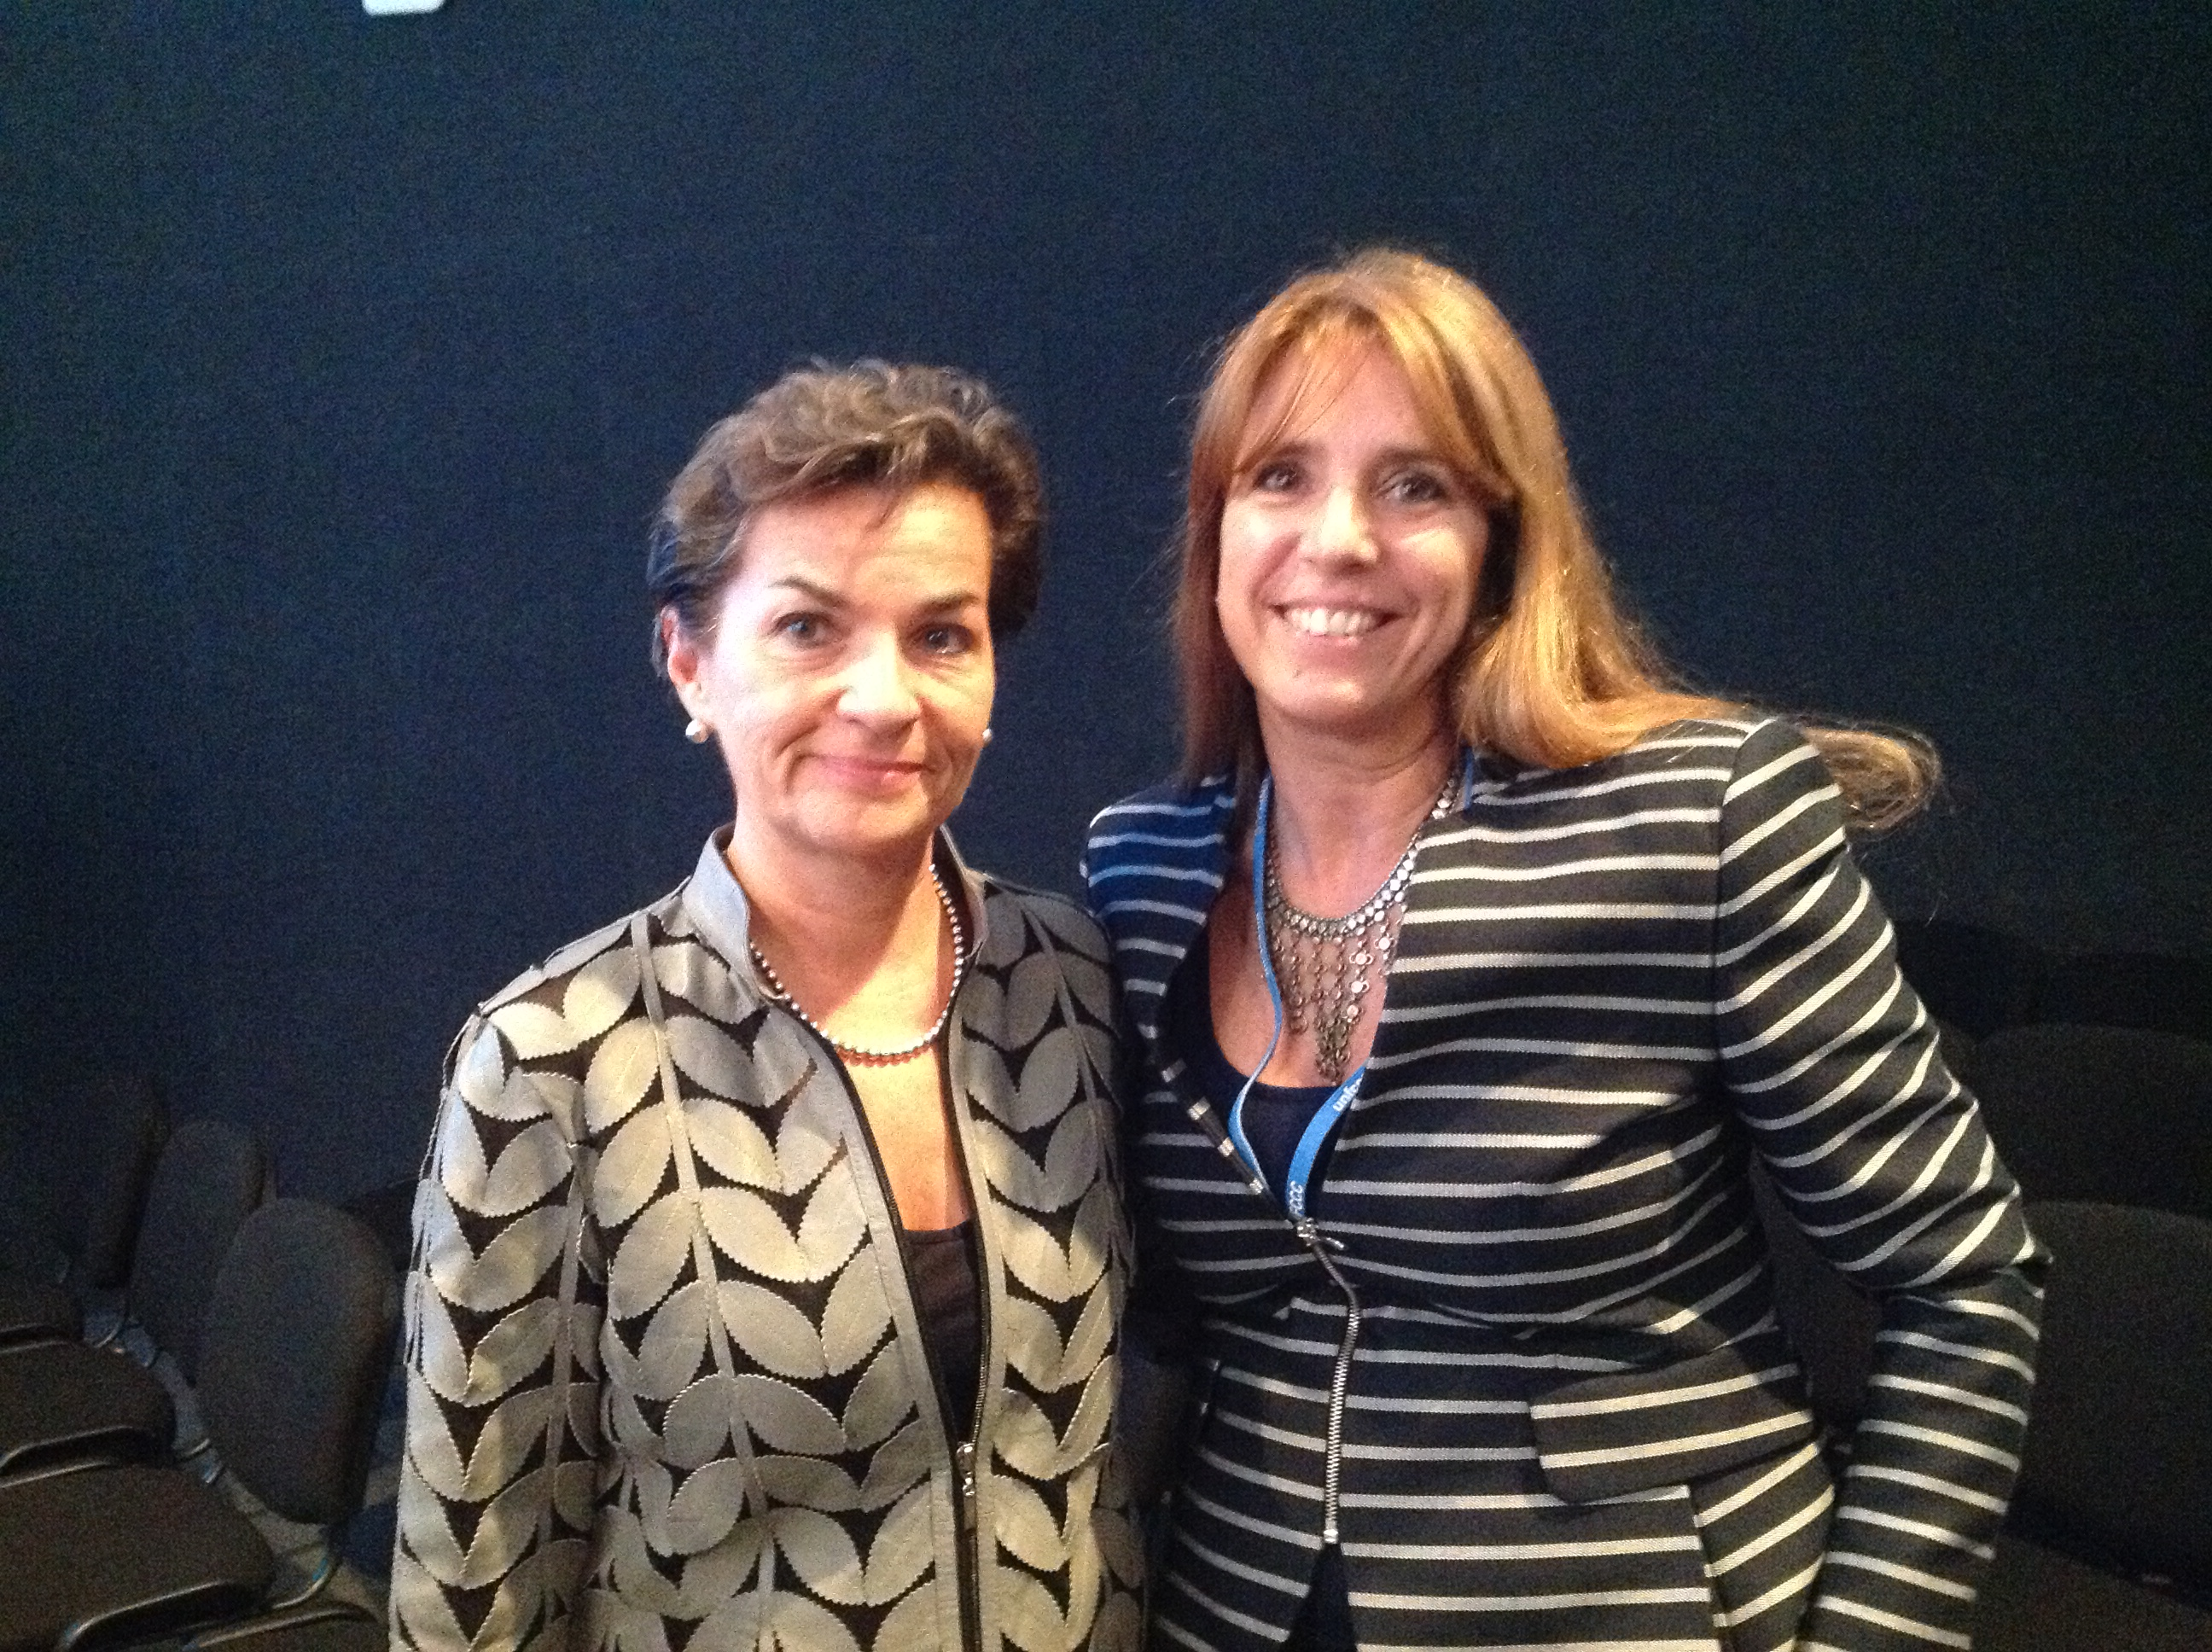 Christiana Figueres: Último día al frente de la Convención Marco de Naciones Unidas de Cambio Climático